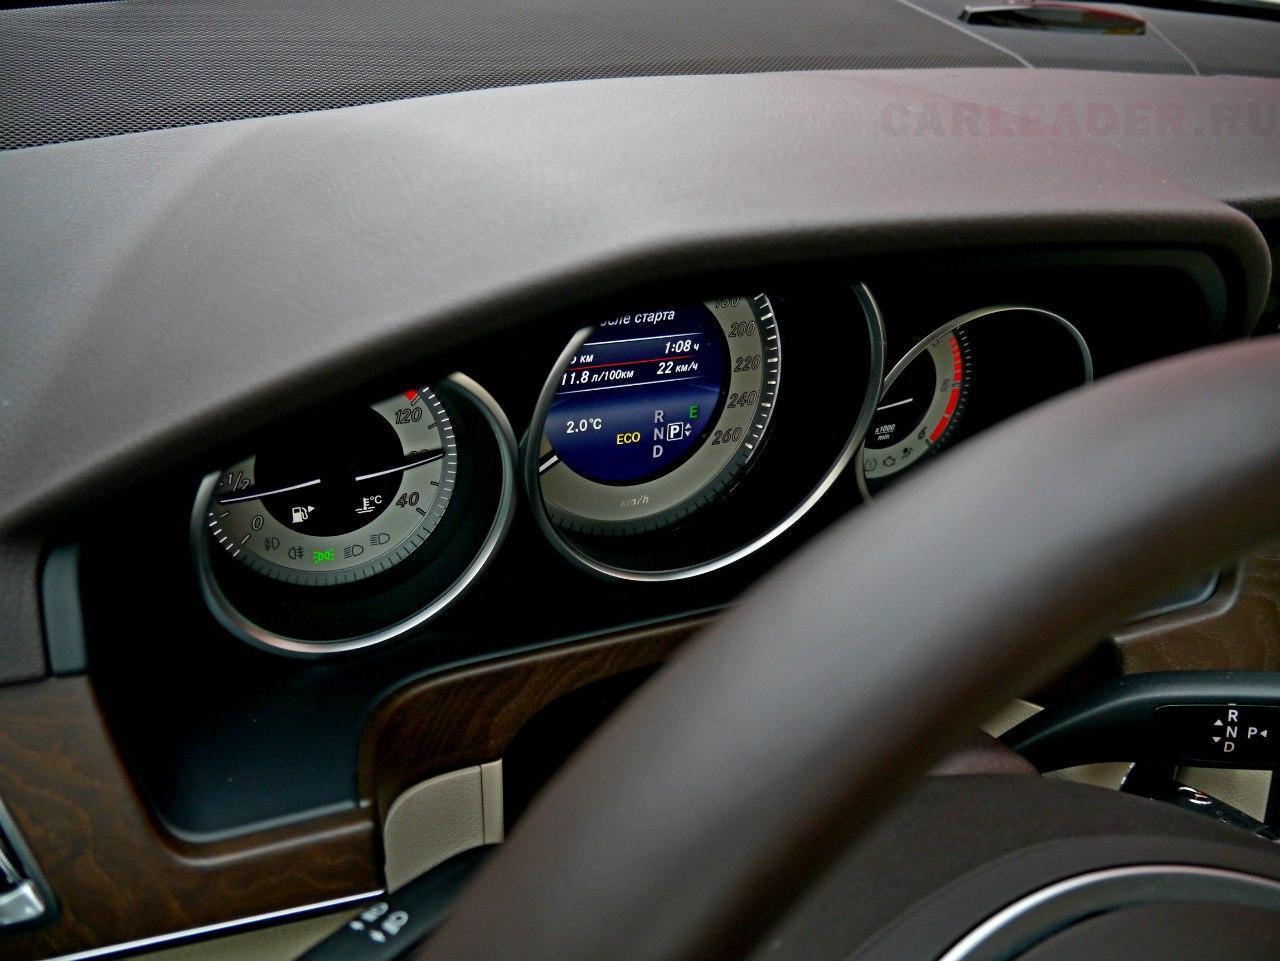 Блок спидометра с преприятной подсветкой и шрифтом. Погоду делает дисплей бортового компьютера с HD-разрешением в отличие от экрана магнитолы.